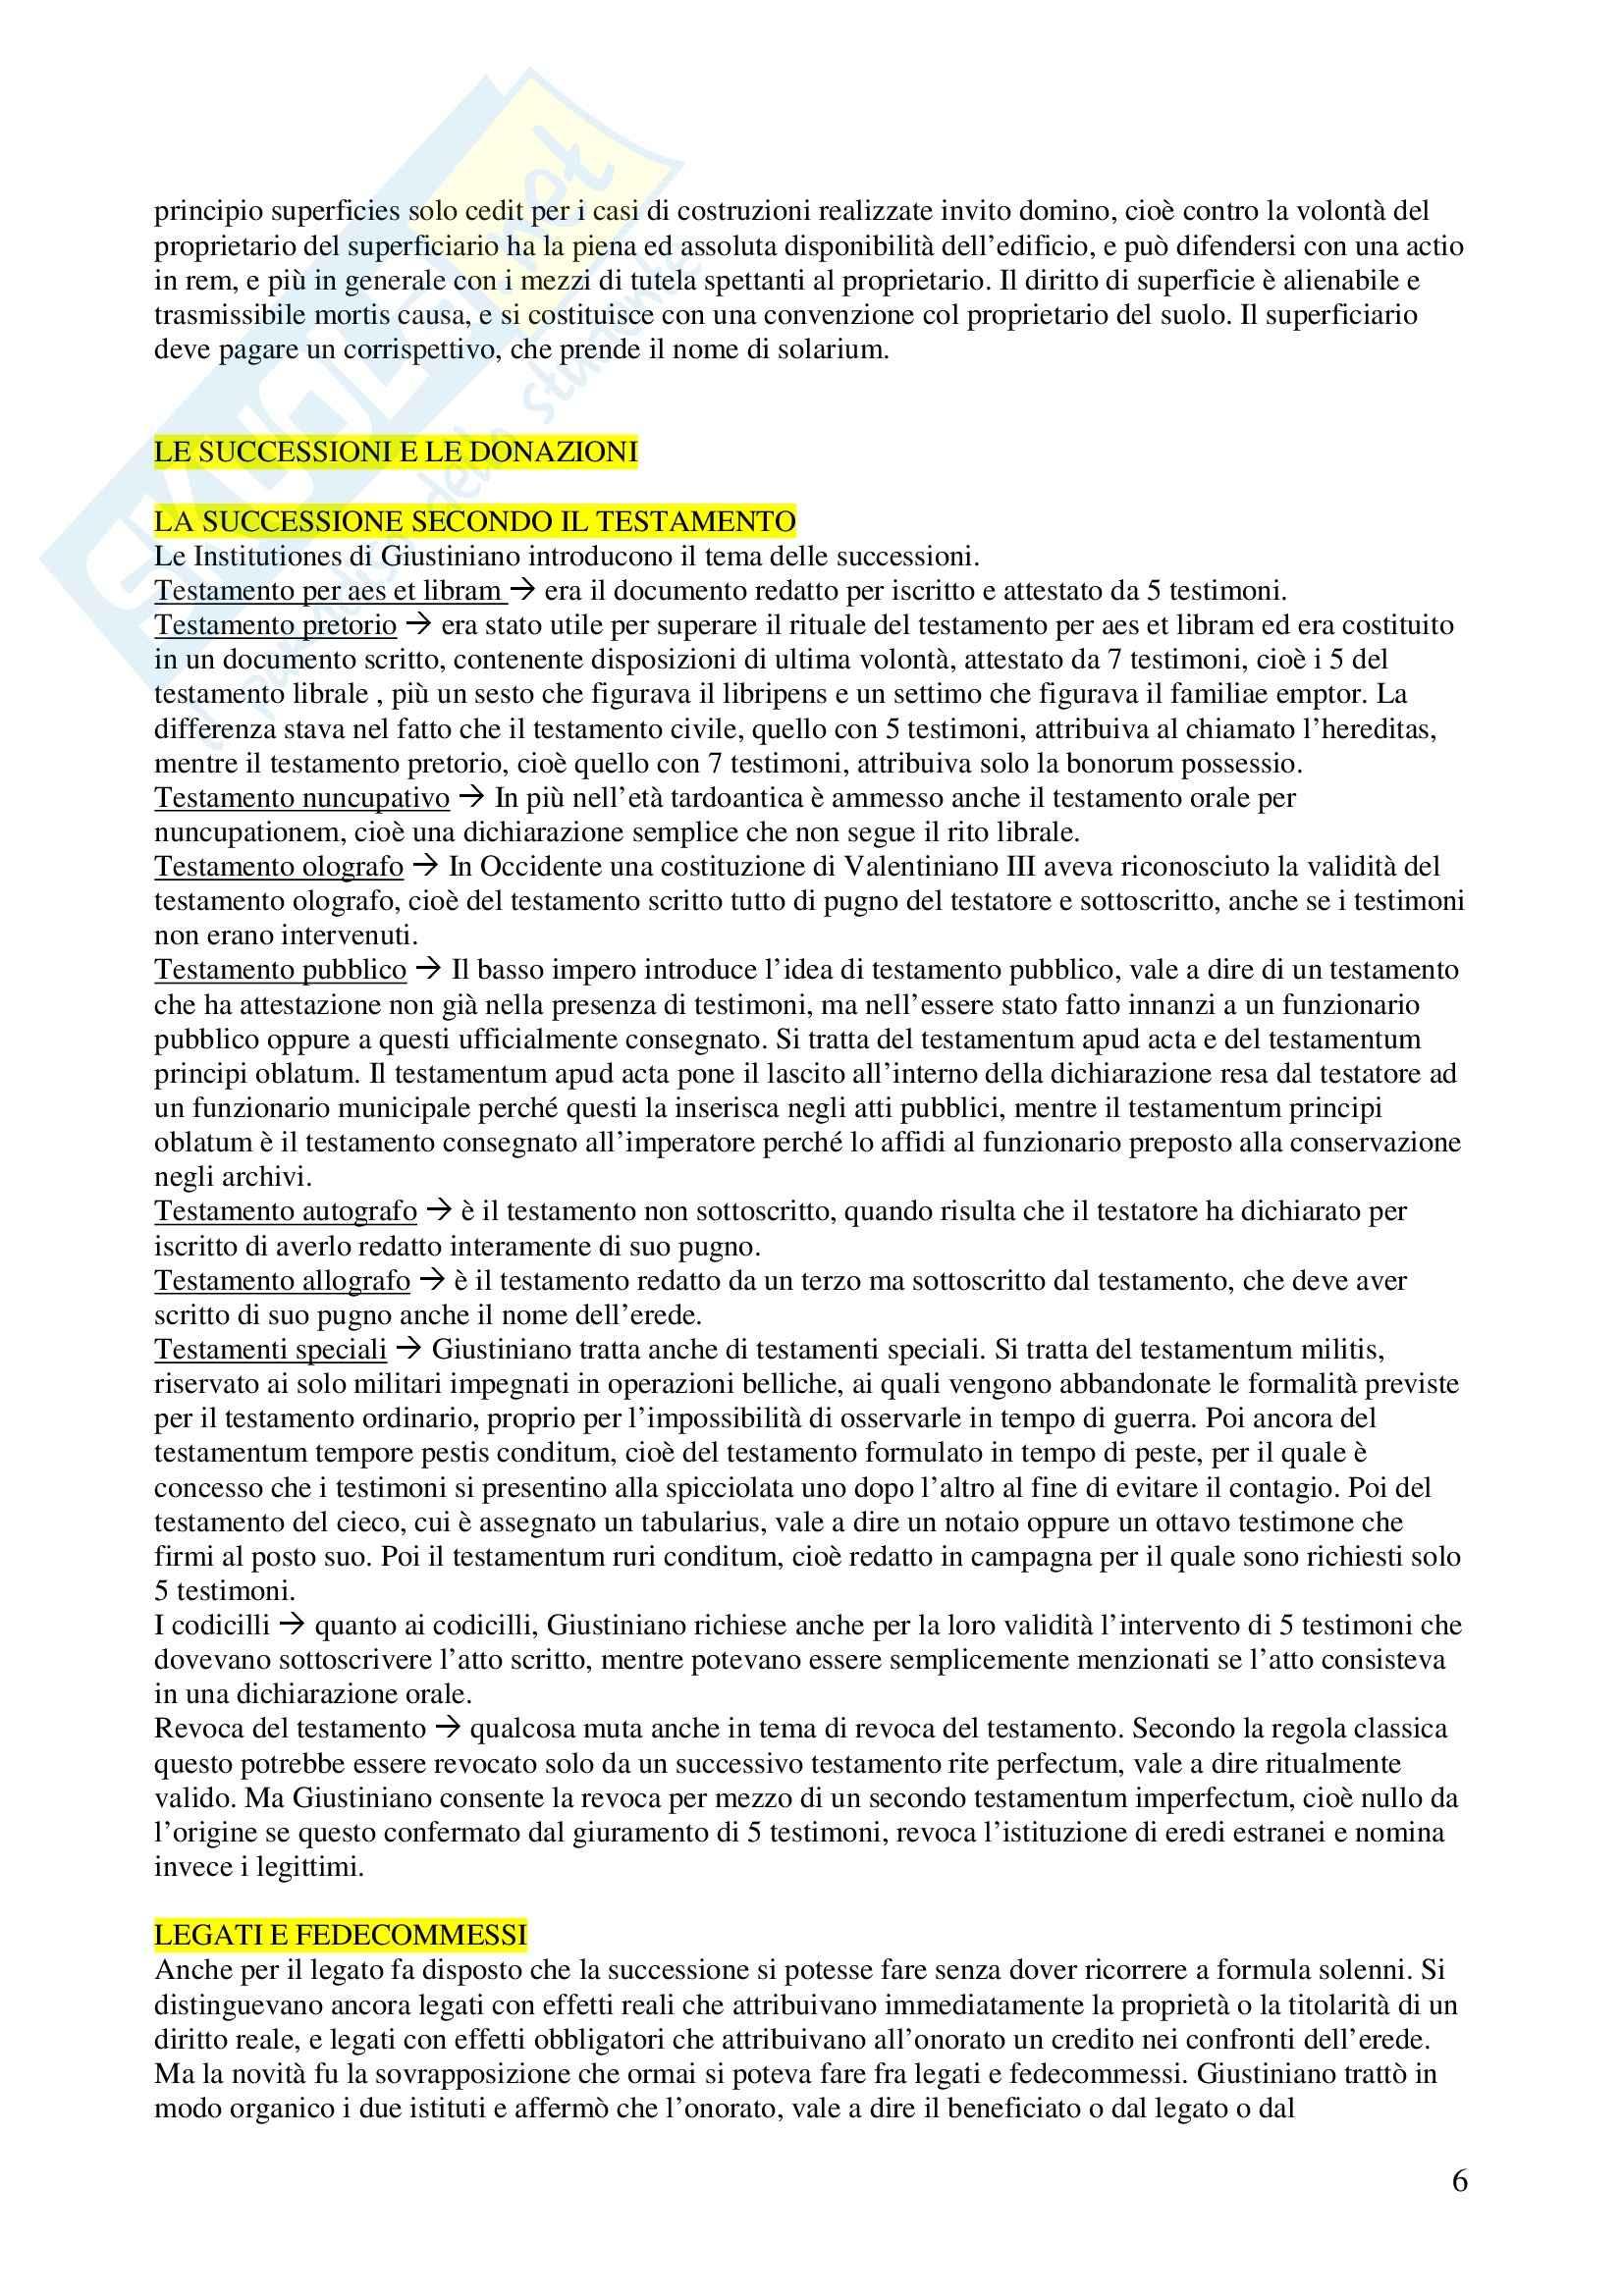 Storia del diritto privato romano - Appunti Pag. 6